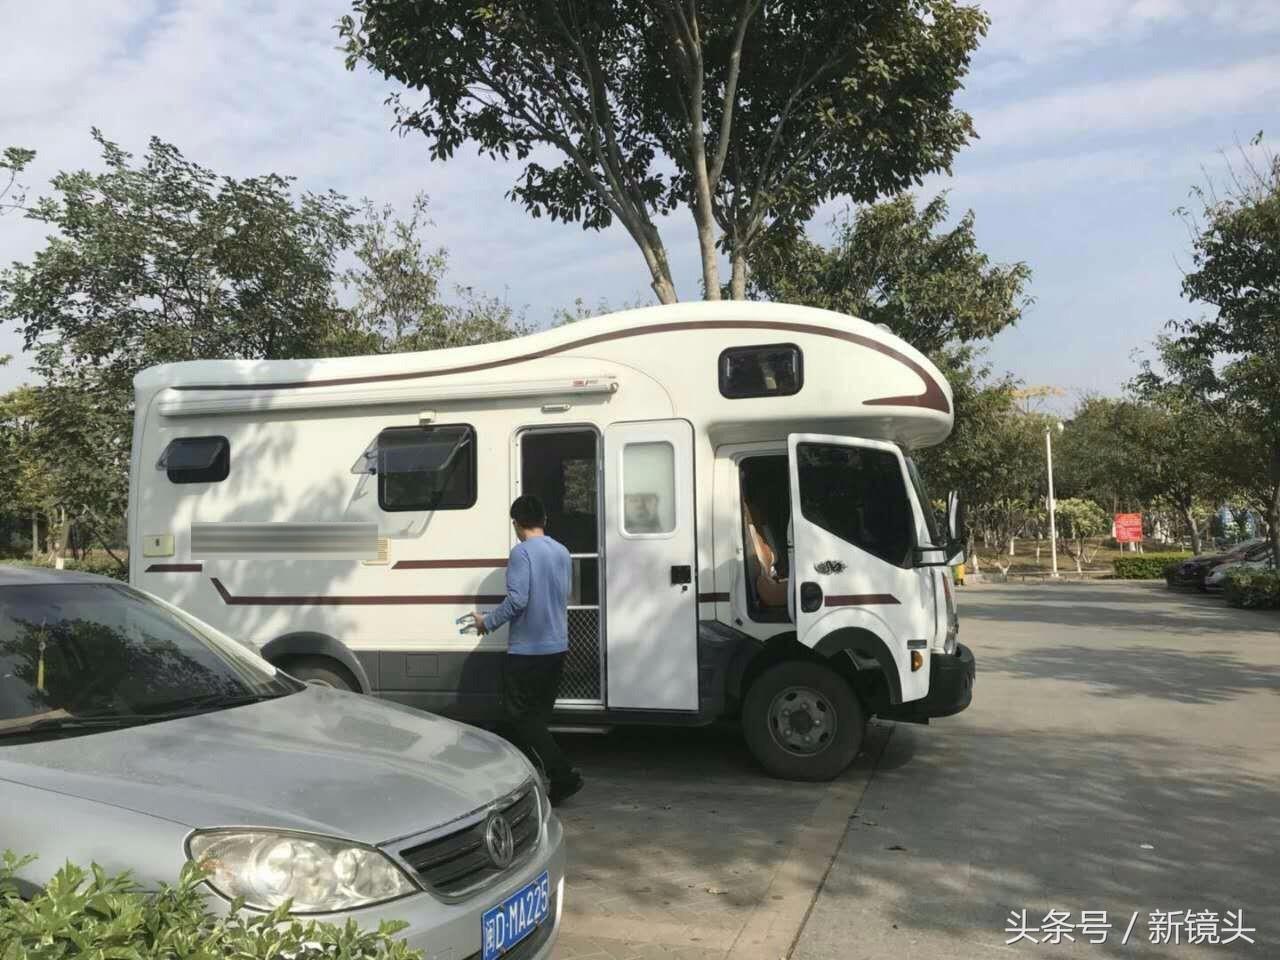 第一批90后已经在房车环游中国 每天花销130元